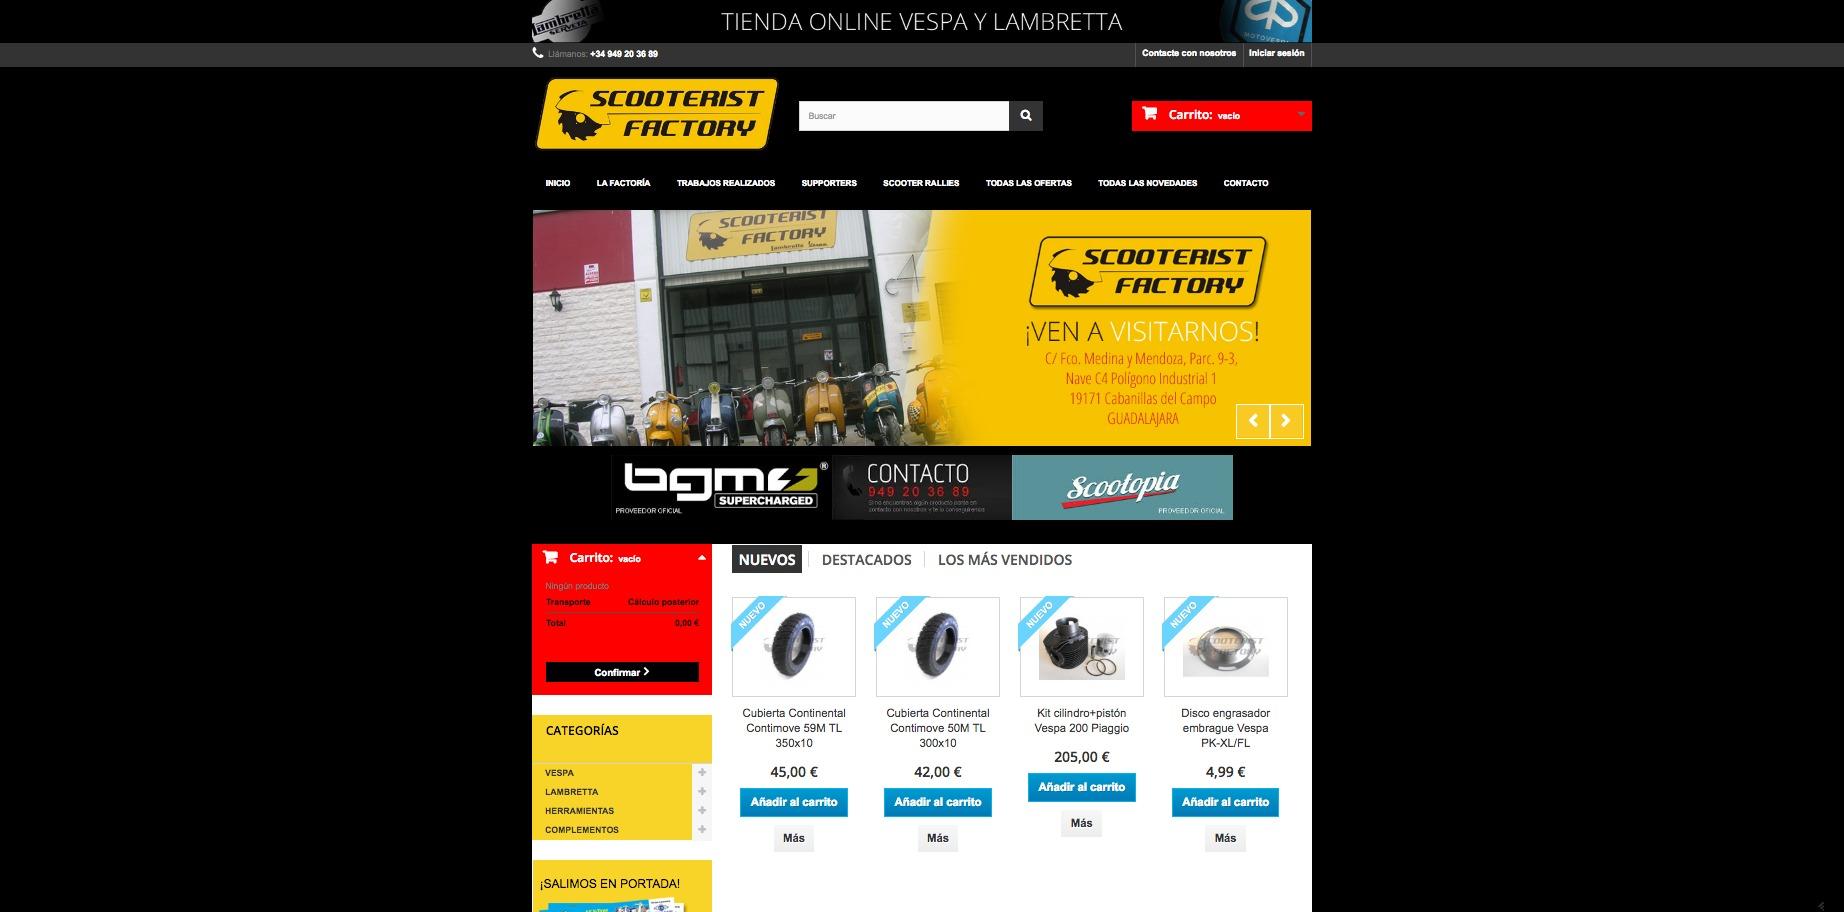 Página de inicio Scooterist Factory